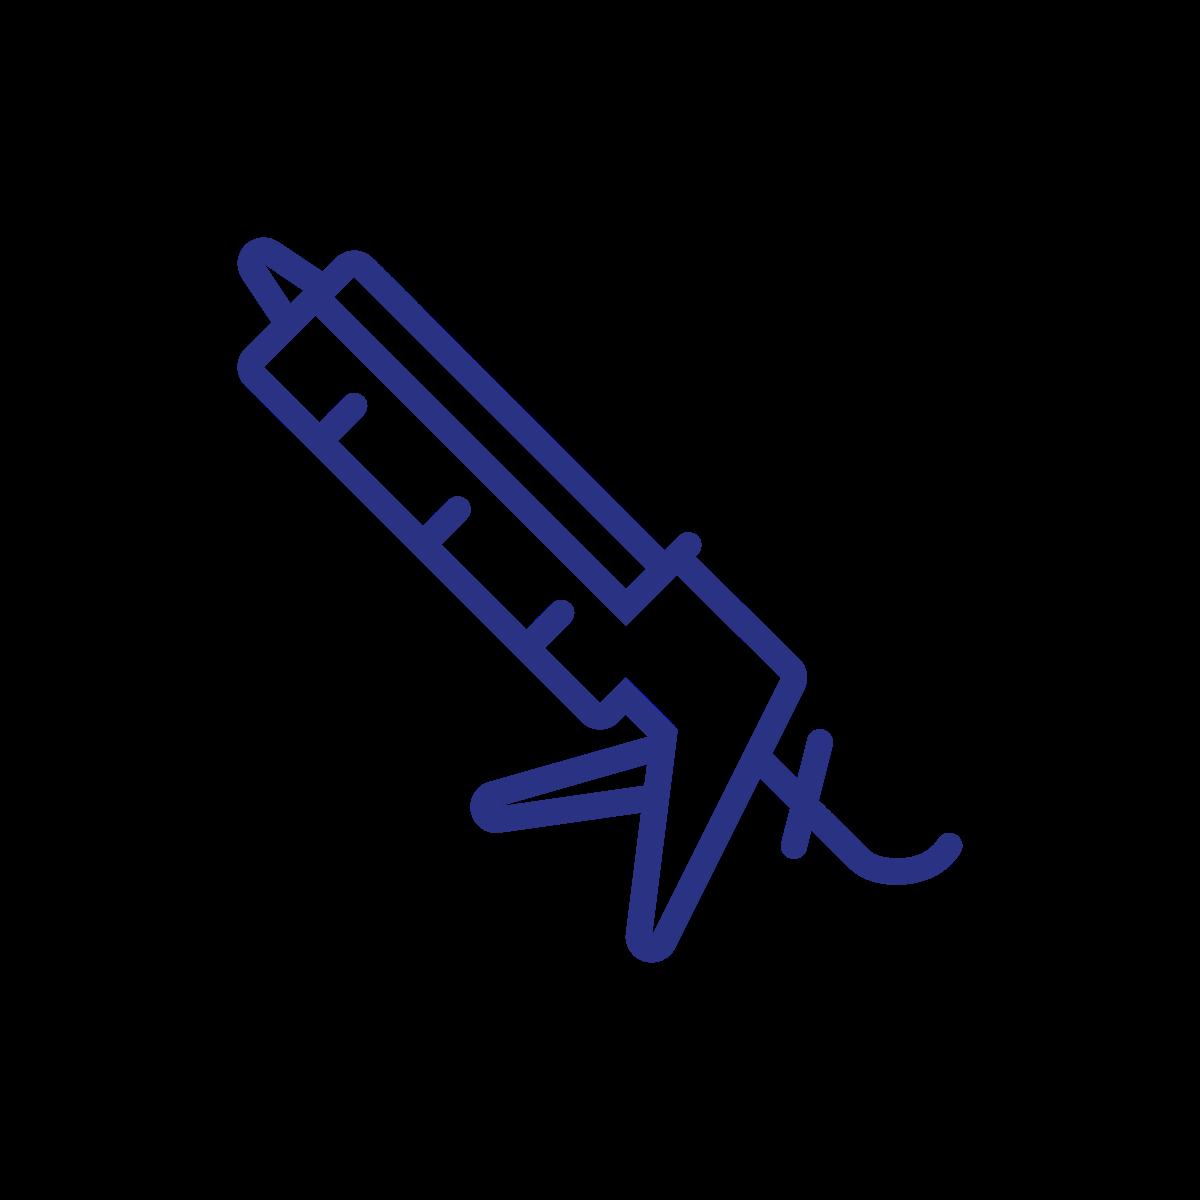 icon-calk-gun